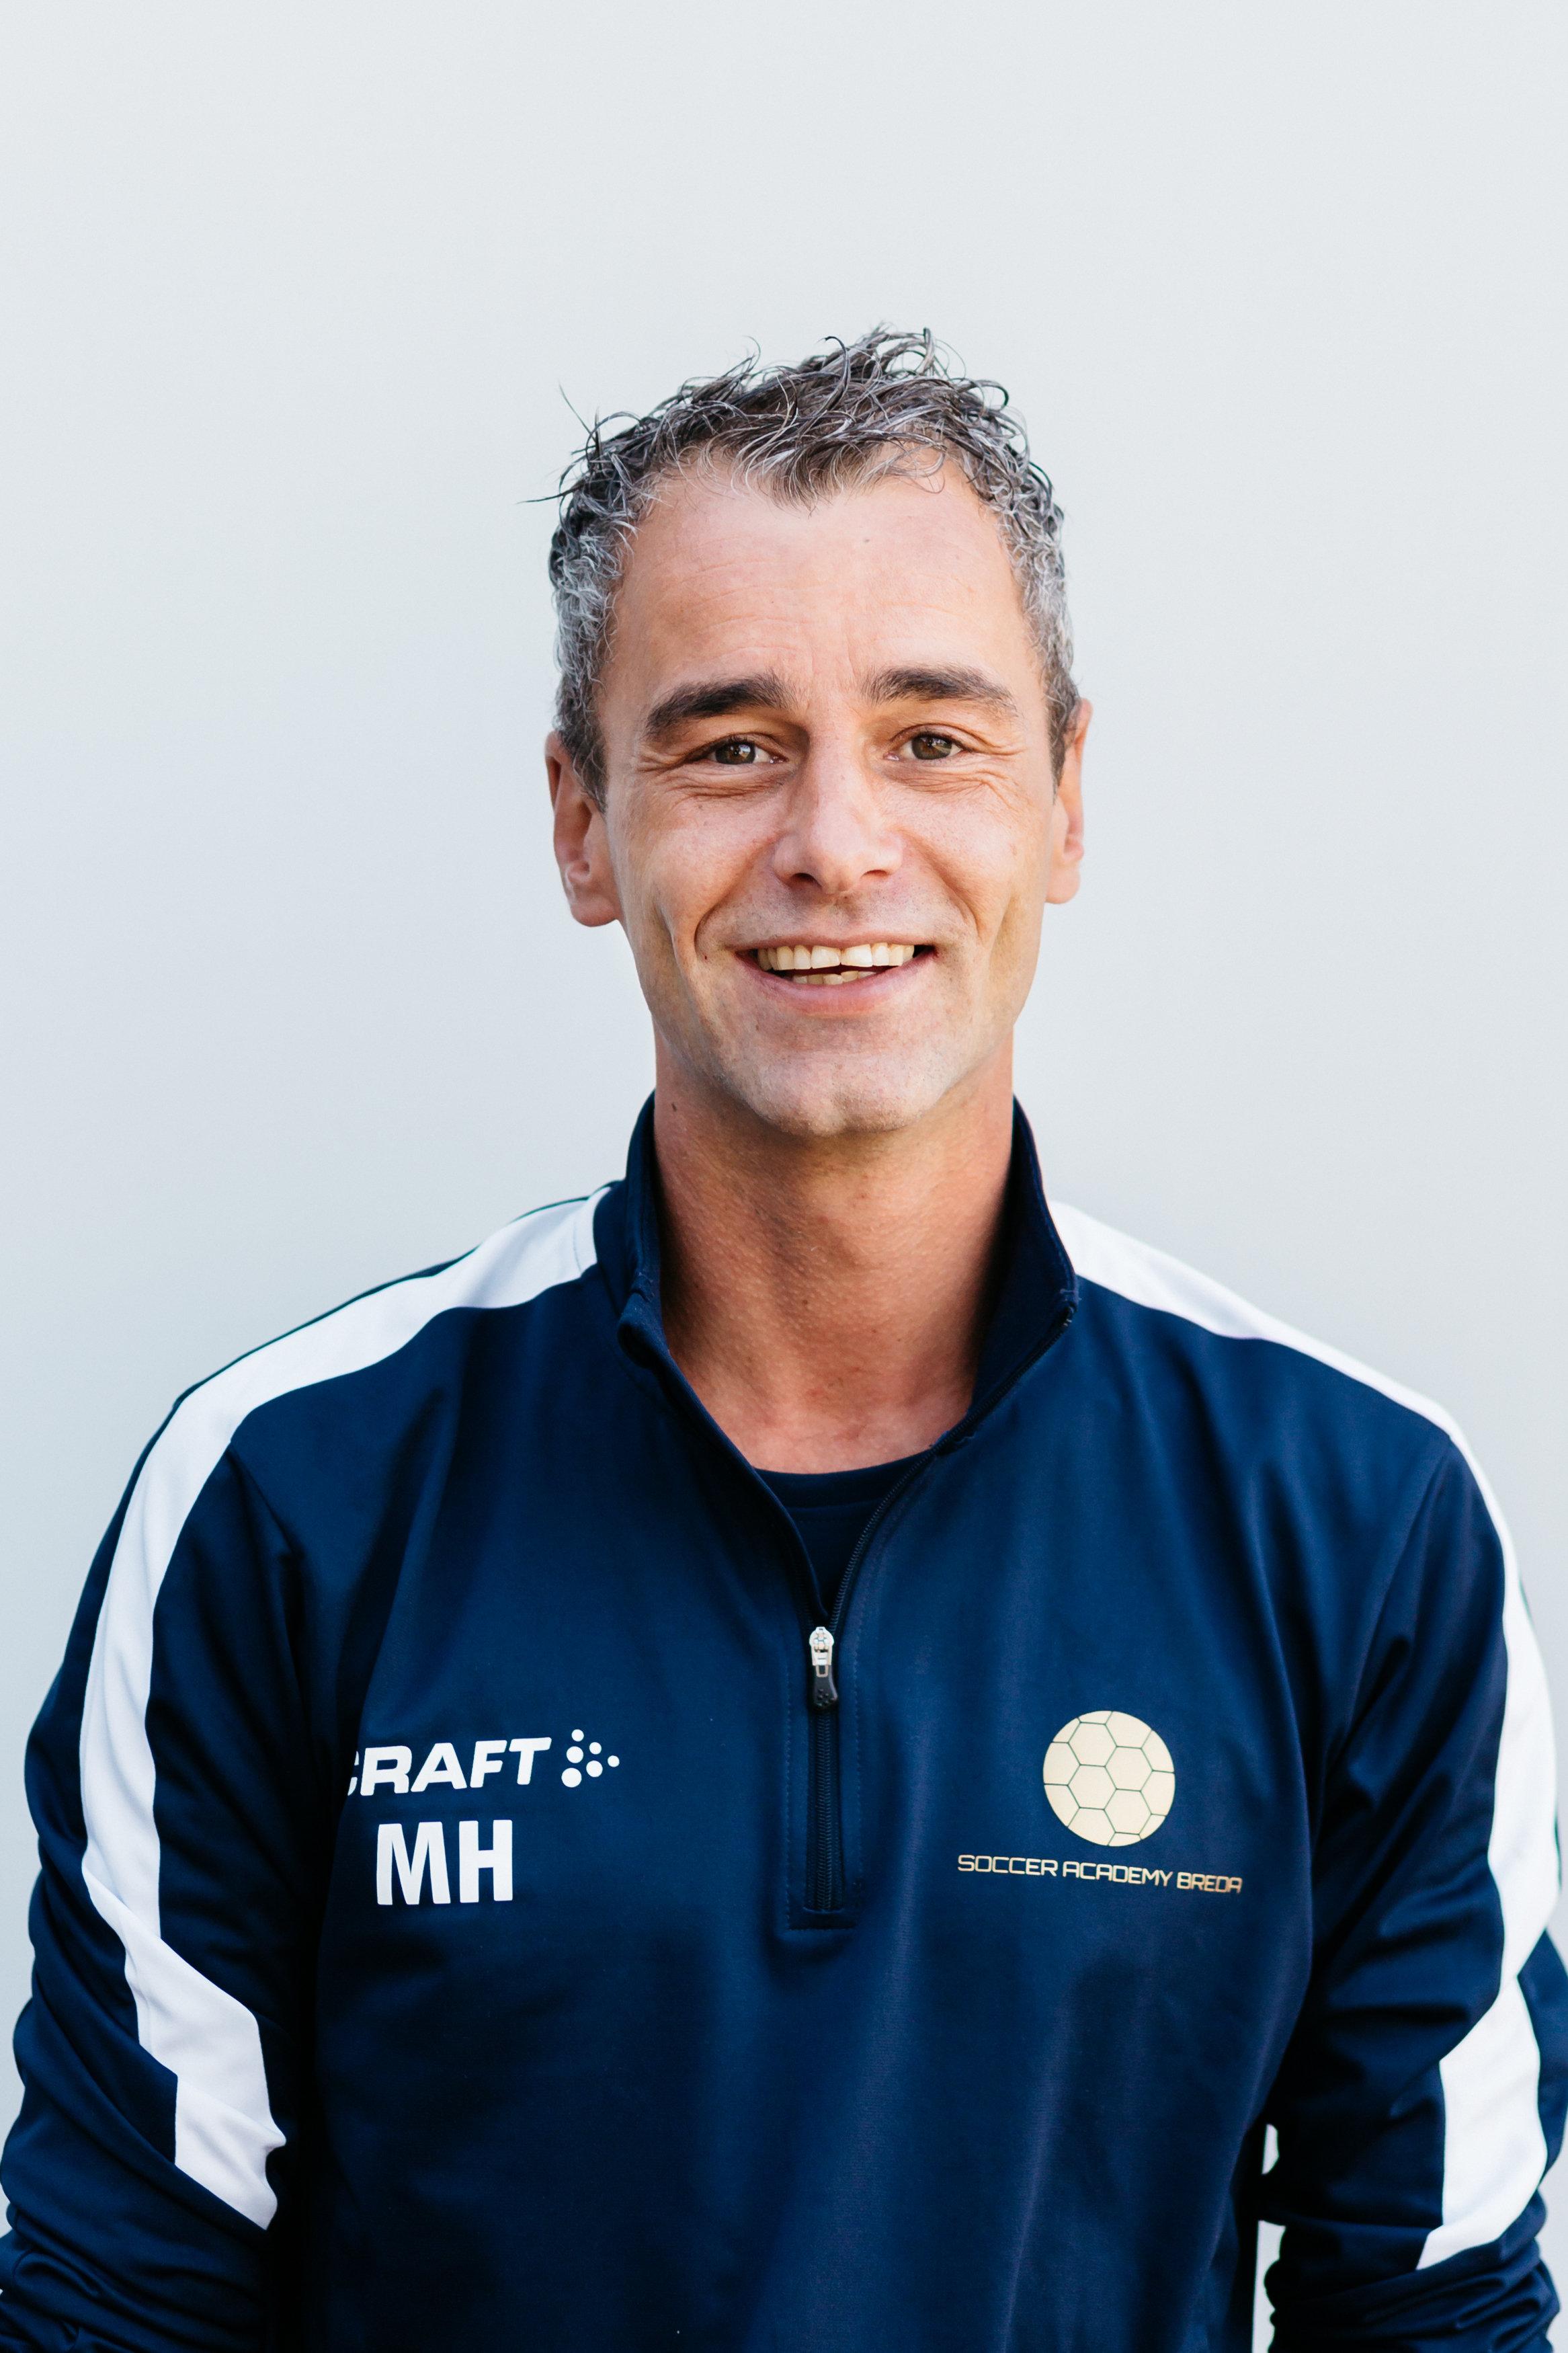 https://socceracademybreda.nl/wp-content/uploads/2020/10/Martijn-Helmer.jpg